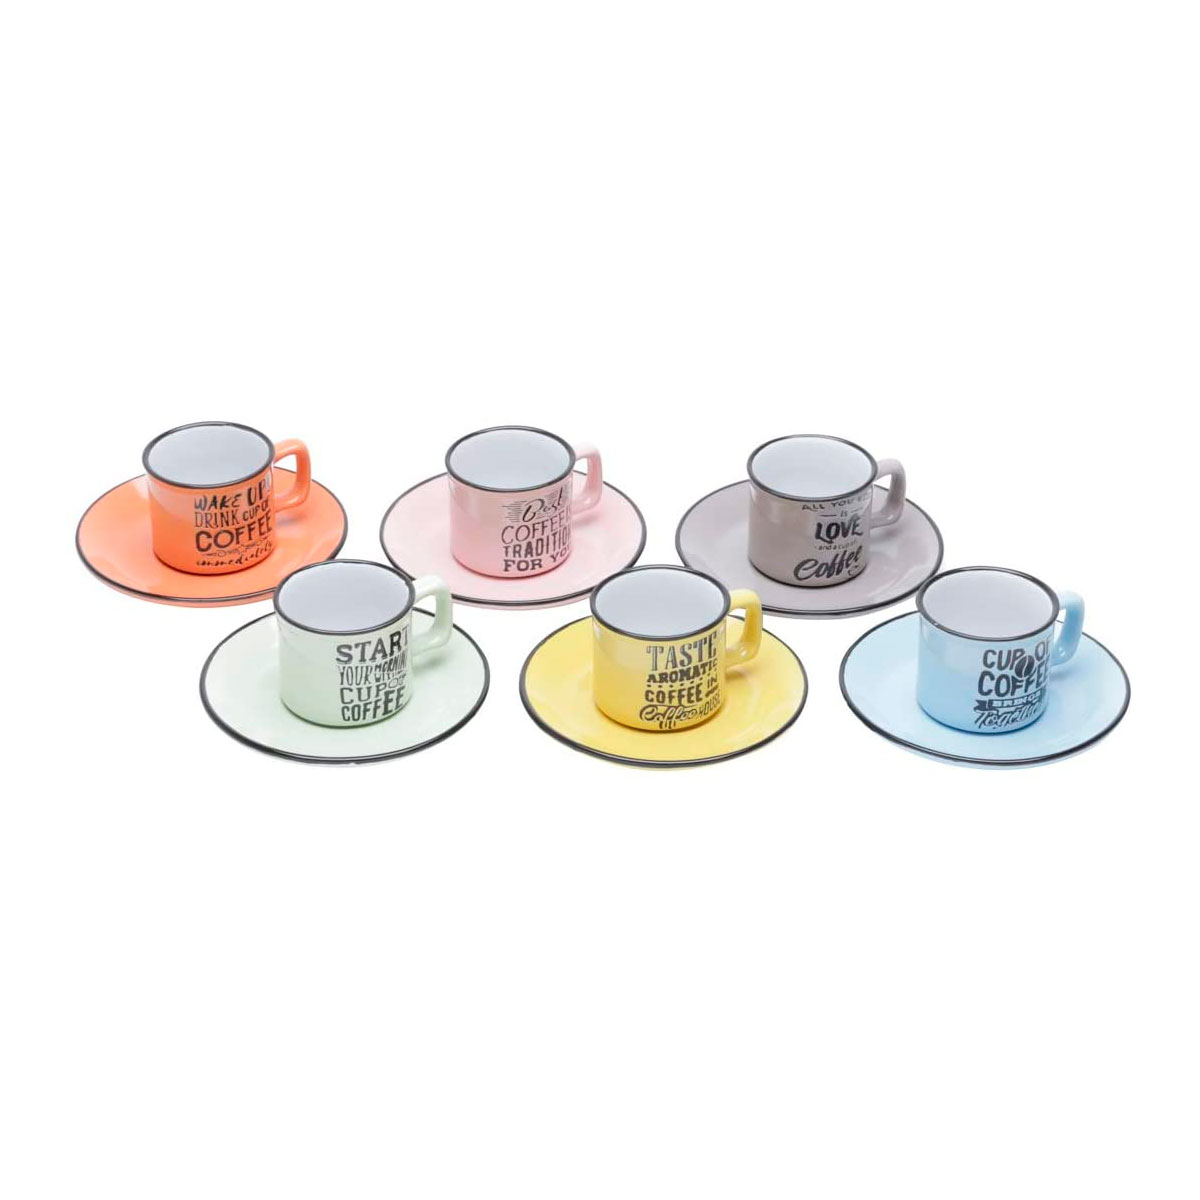 Jogo de Xícaras Café Porcelana com Pires Words Coloridas - Presente Super